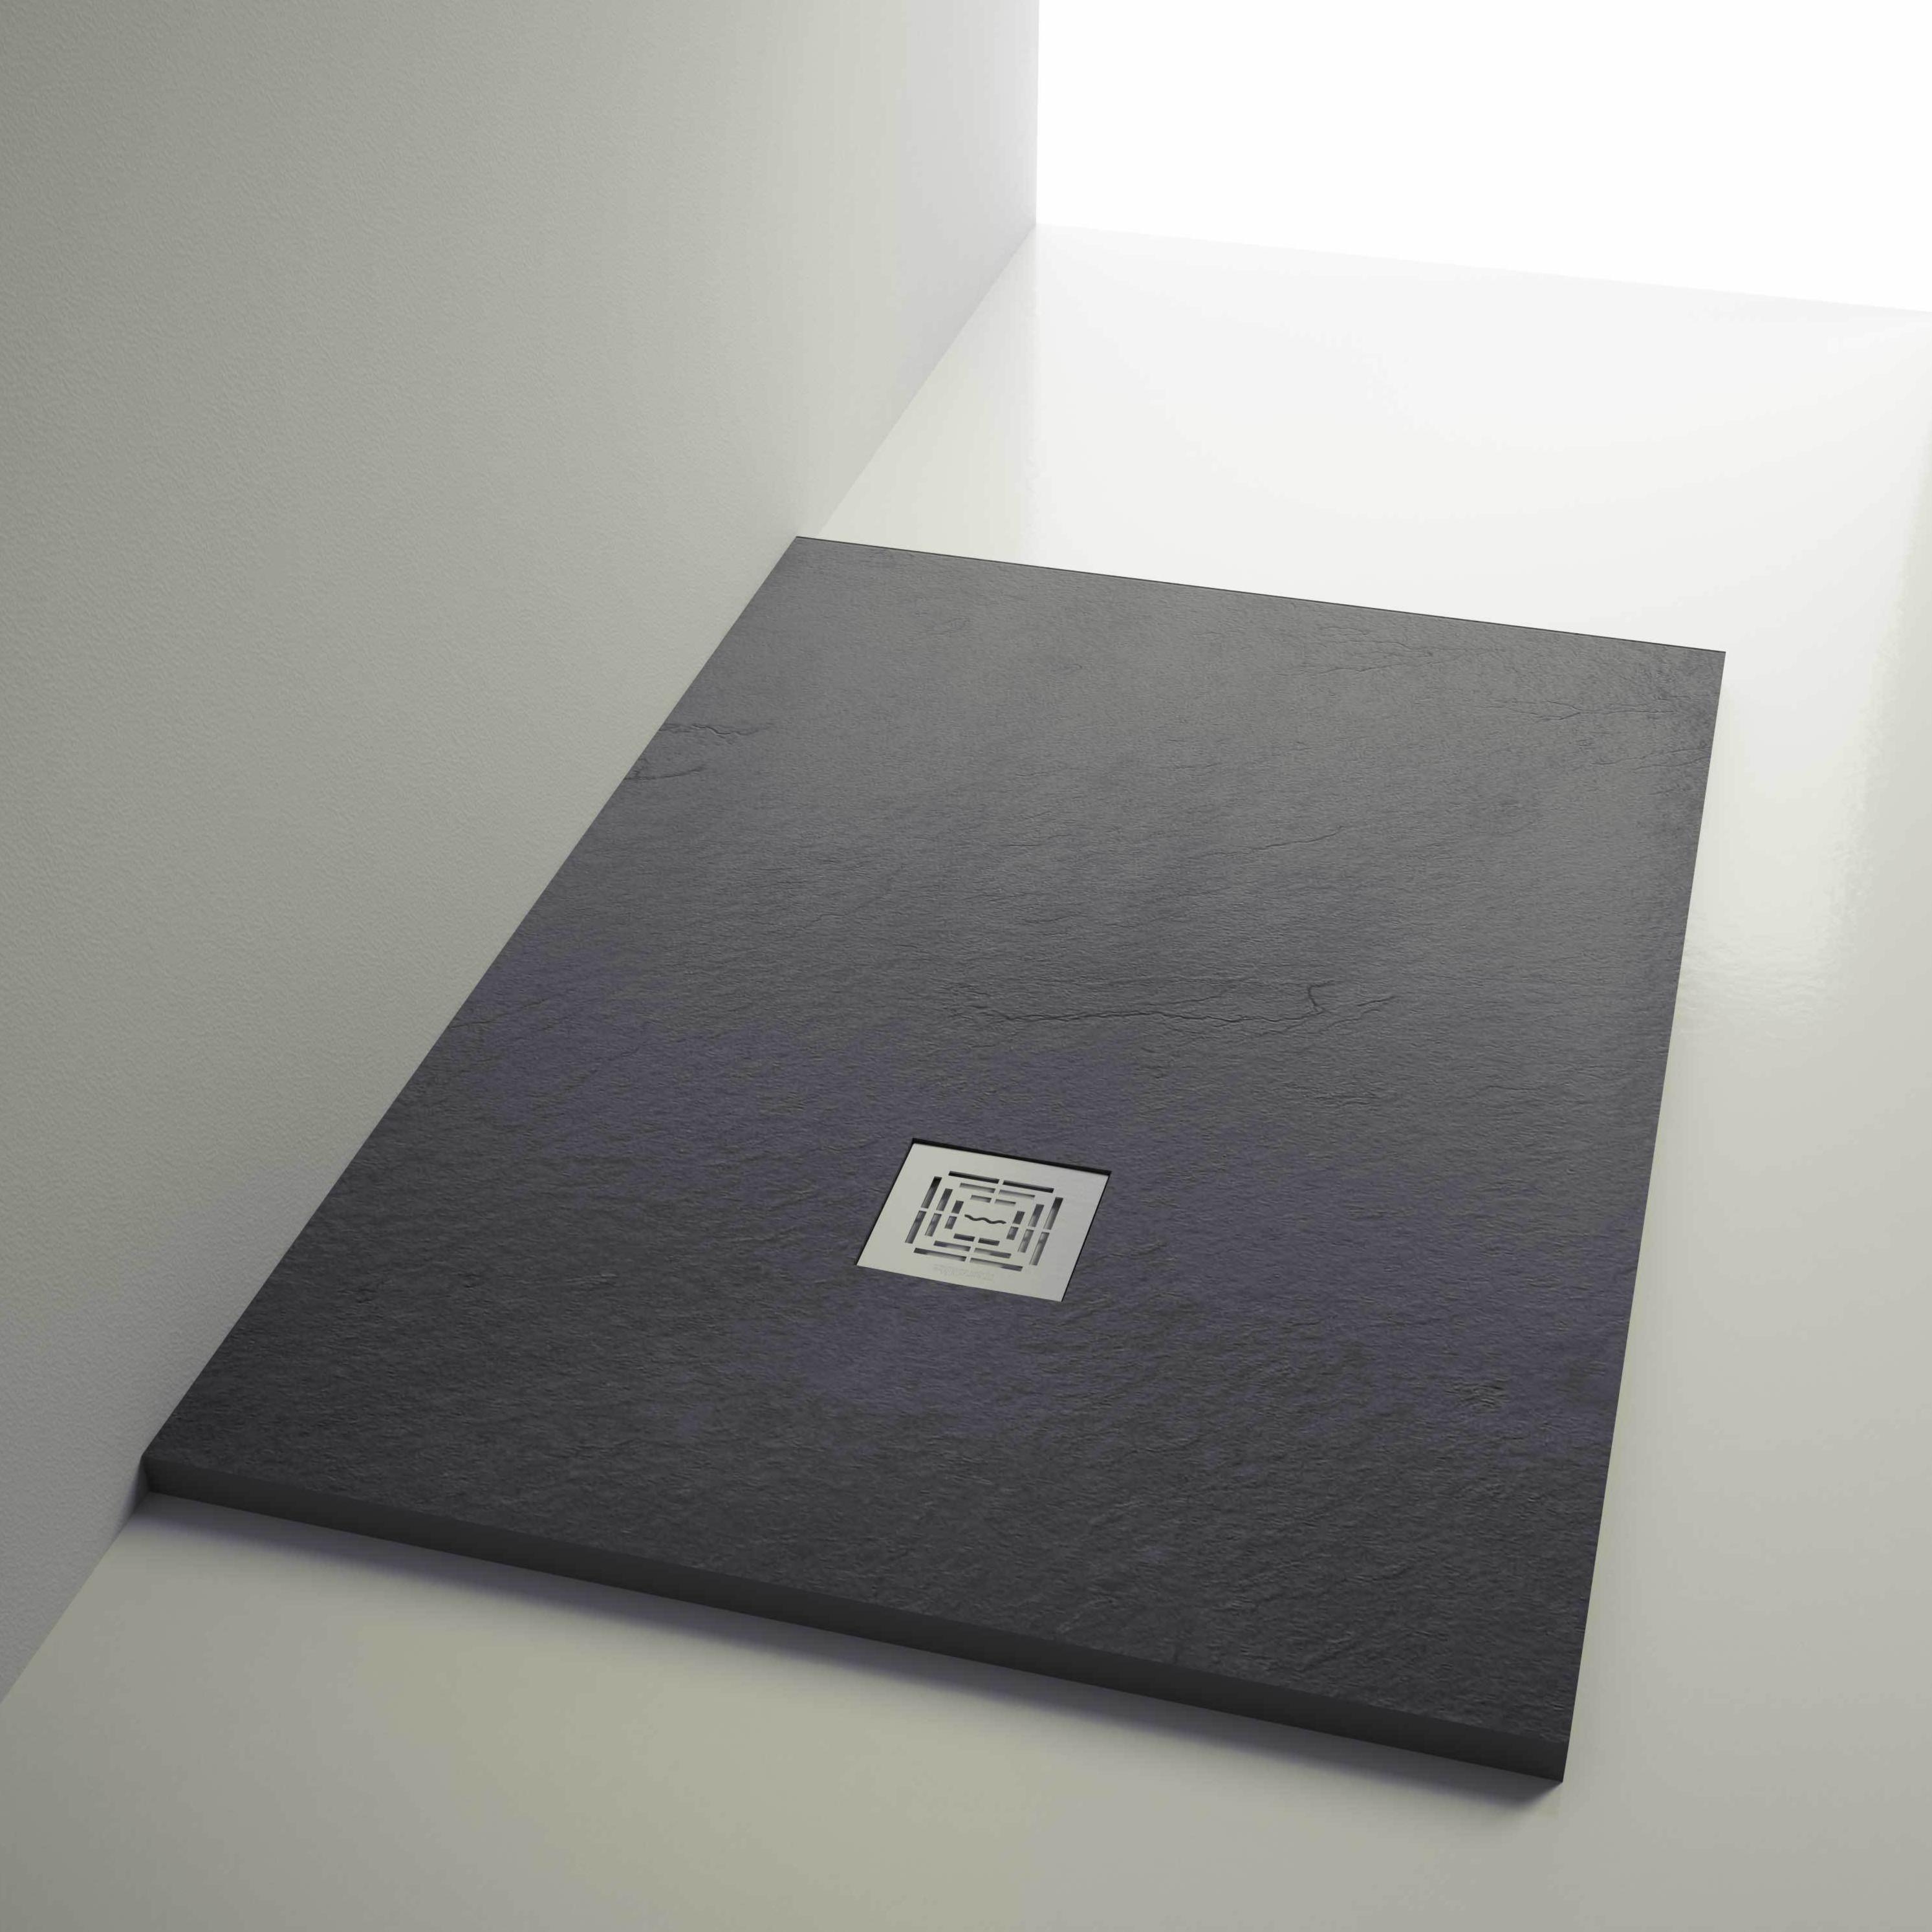 Tecnología Stone de Mundilite. Extraplano, a medida, antideslizante...